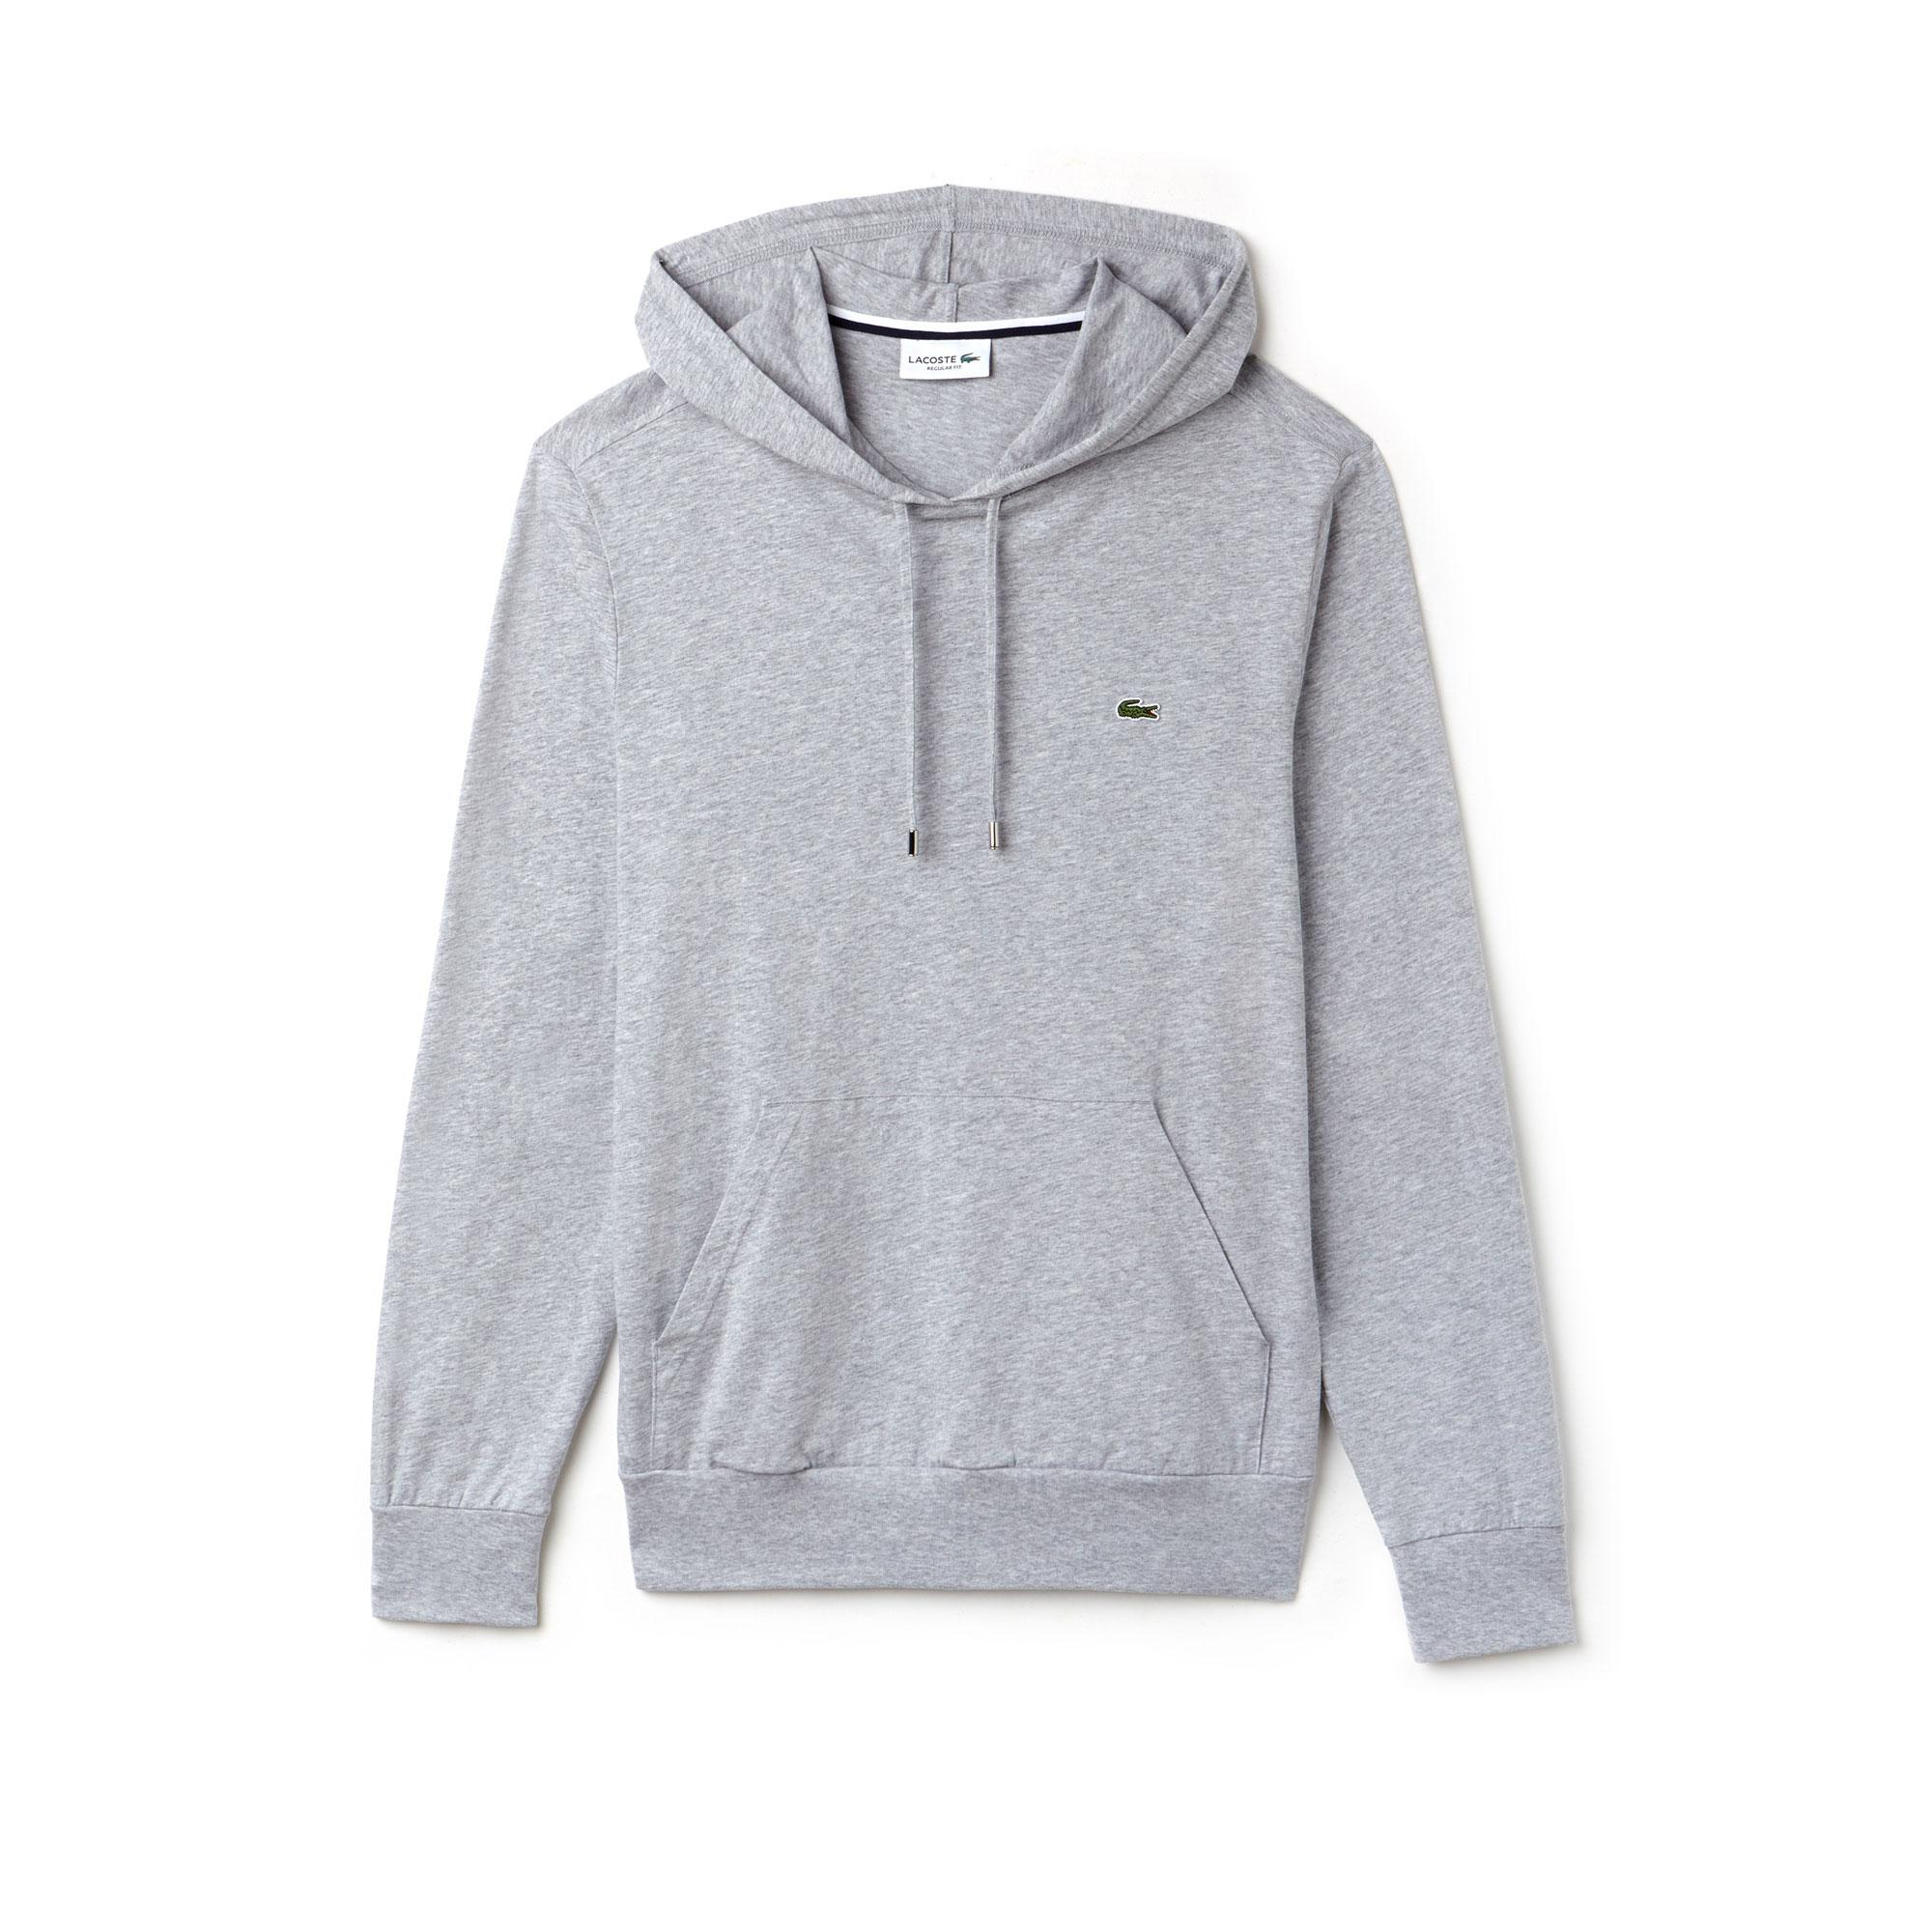 Lacoste Men's Hooded Cotton T-shirt